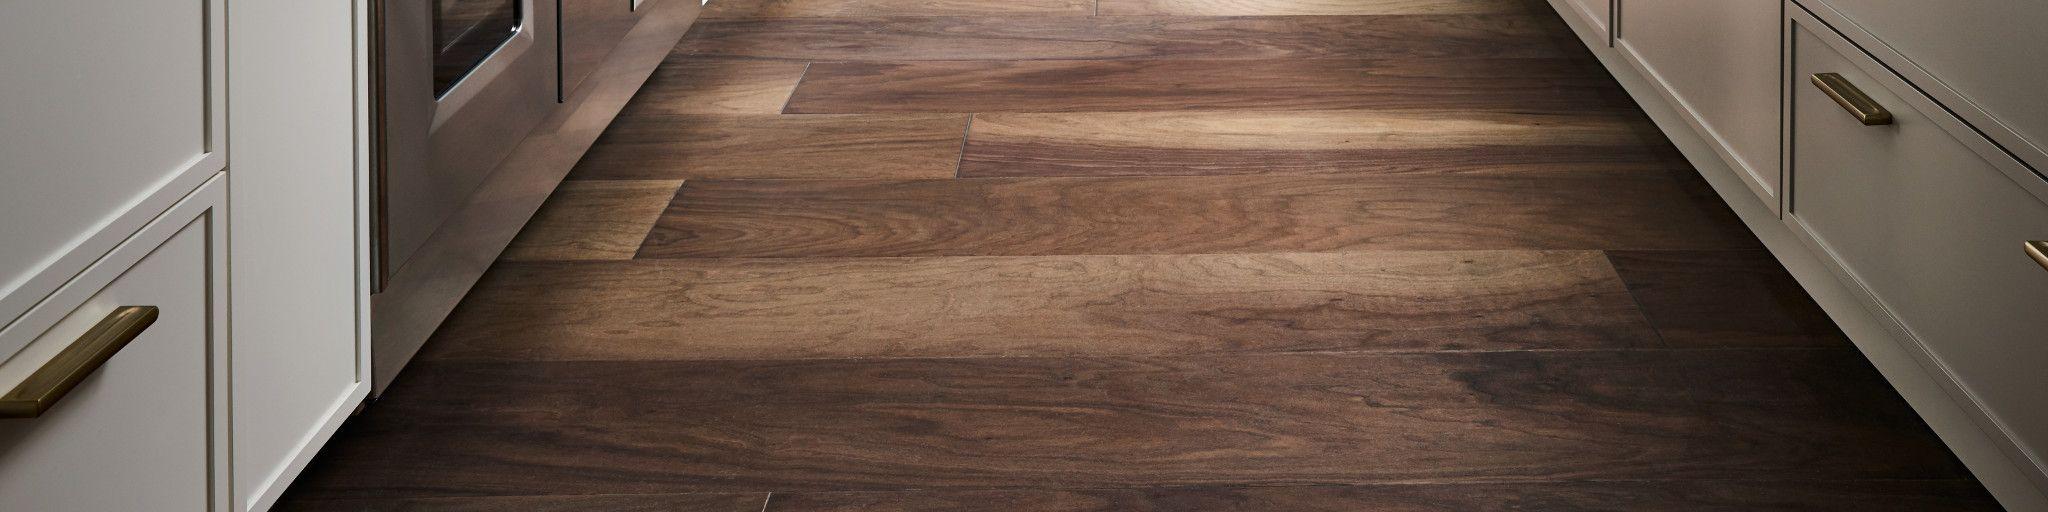 Epic Plus Extreme Nature Hardwood, Landmark Walnut